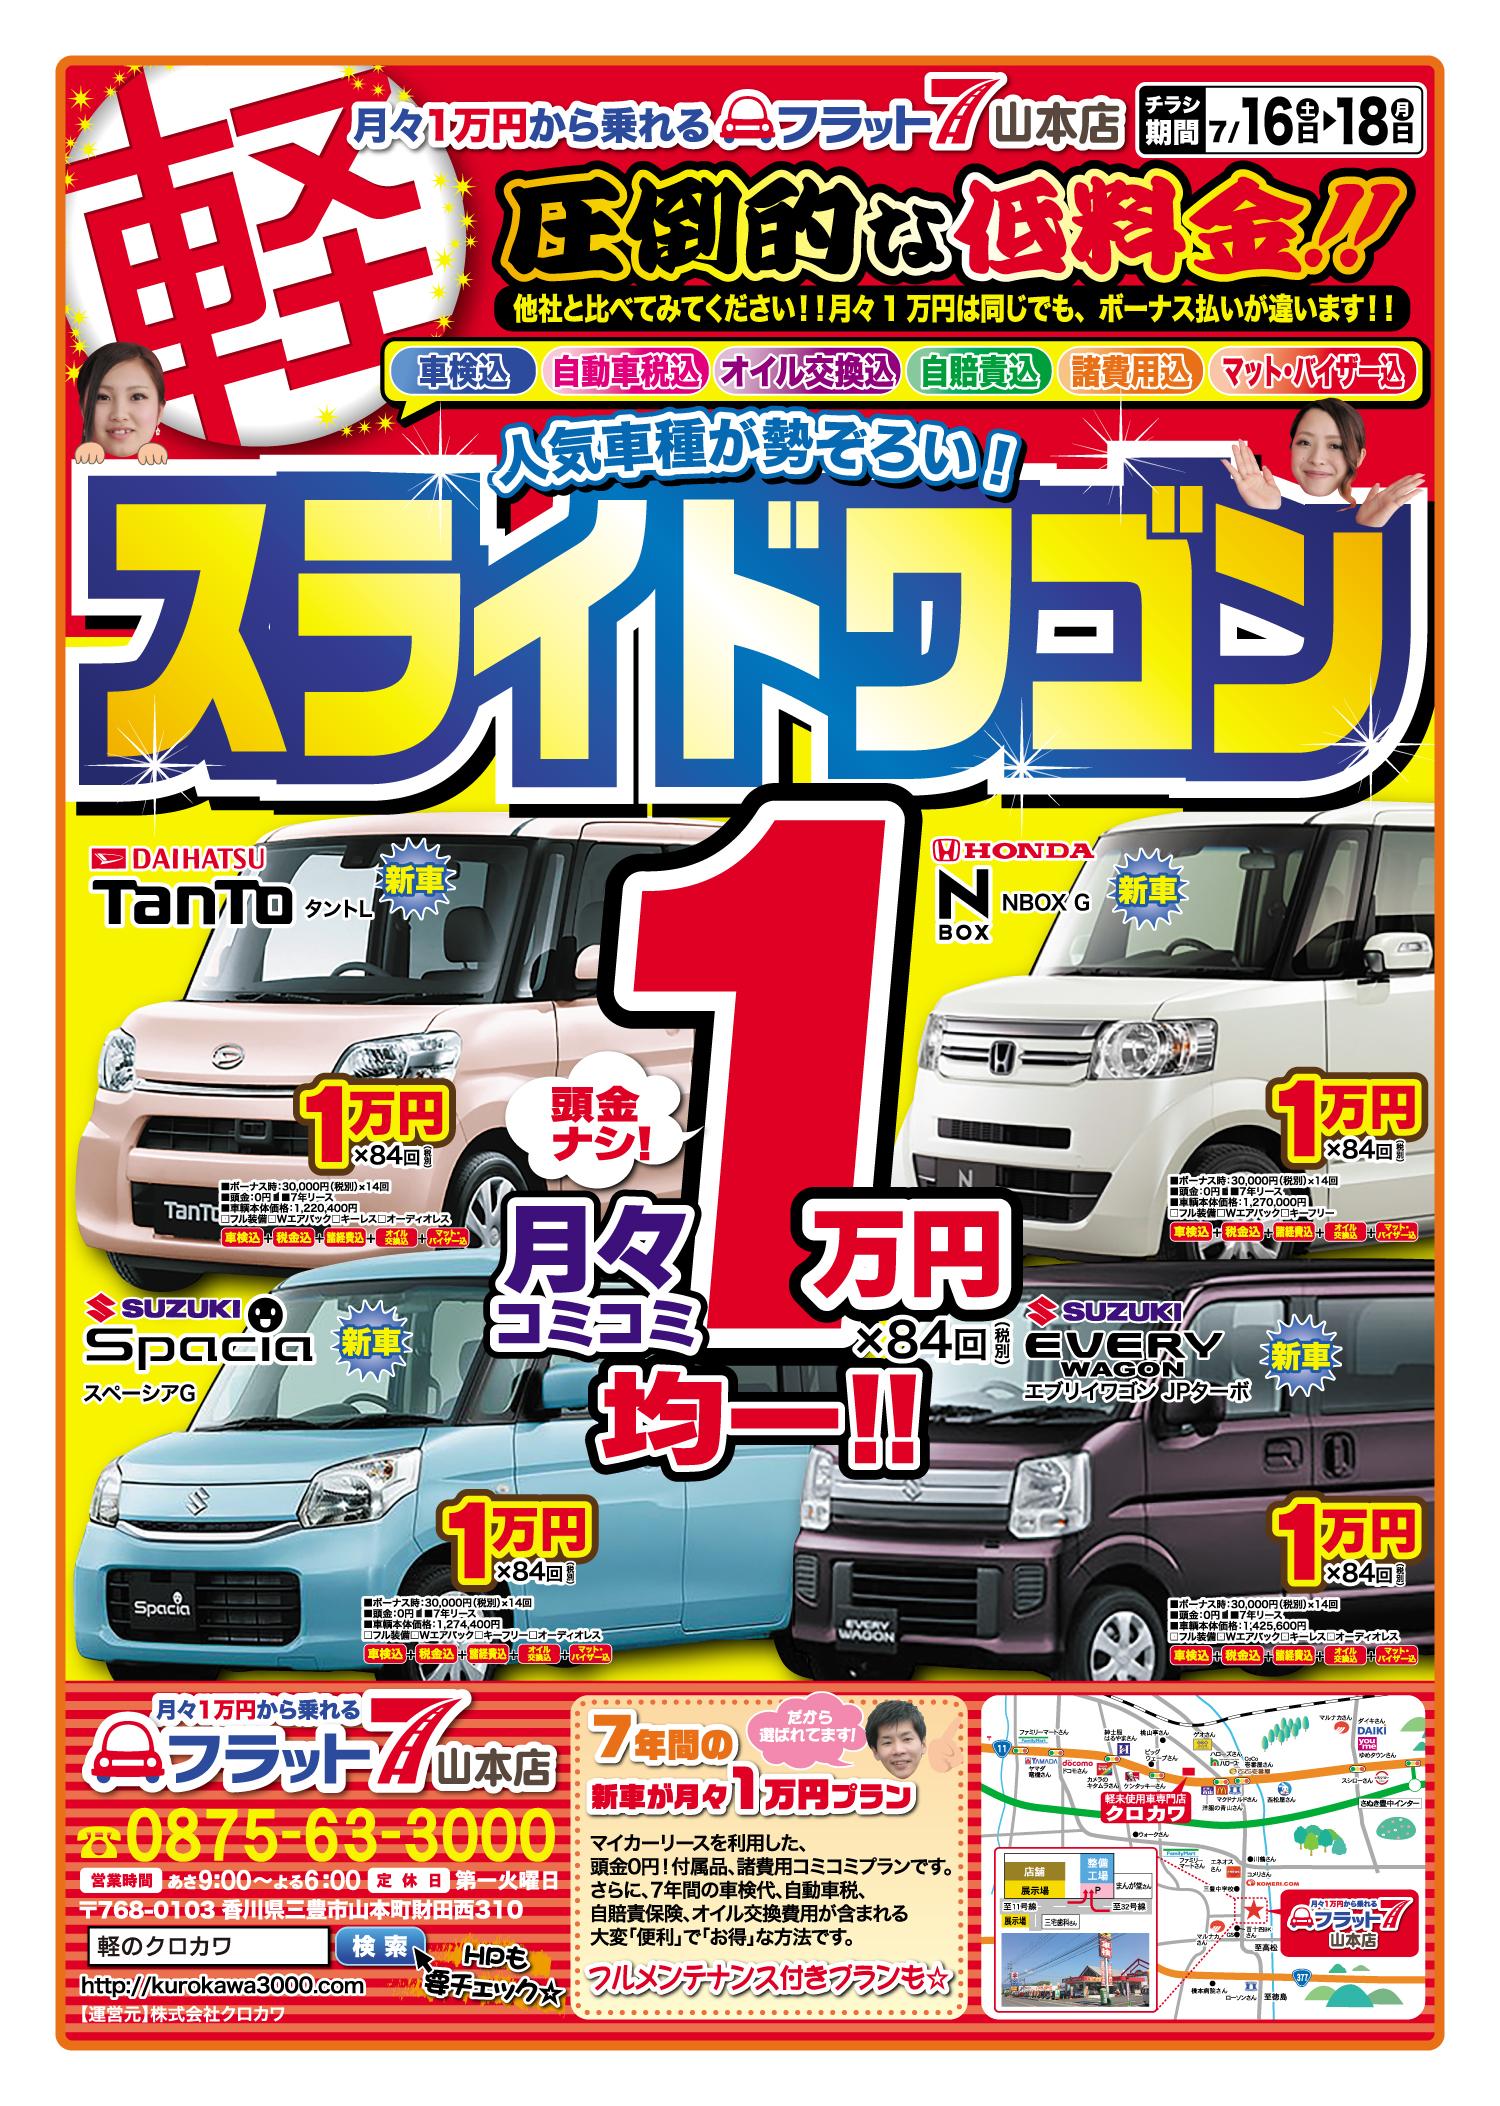 圧倒的な低料金!スライドワゴン勢ぞろい!月々1万円からのフラット7